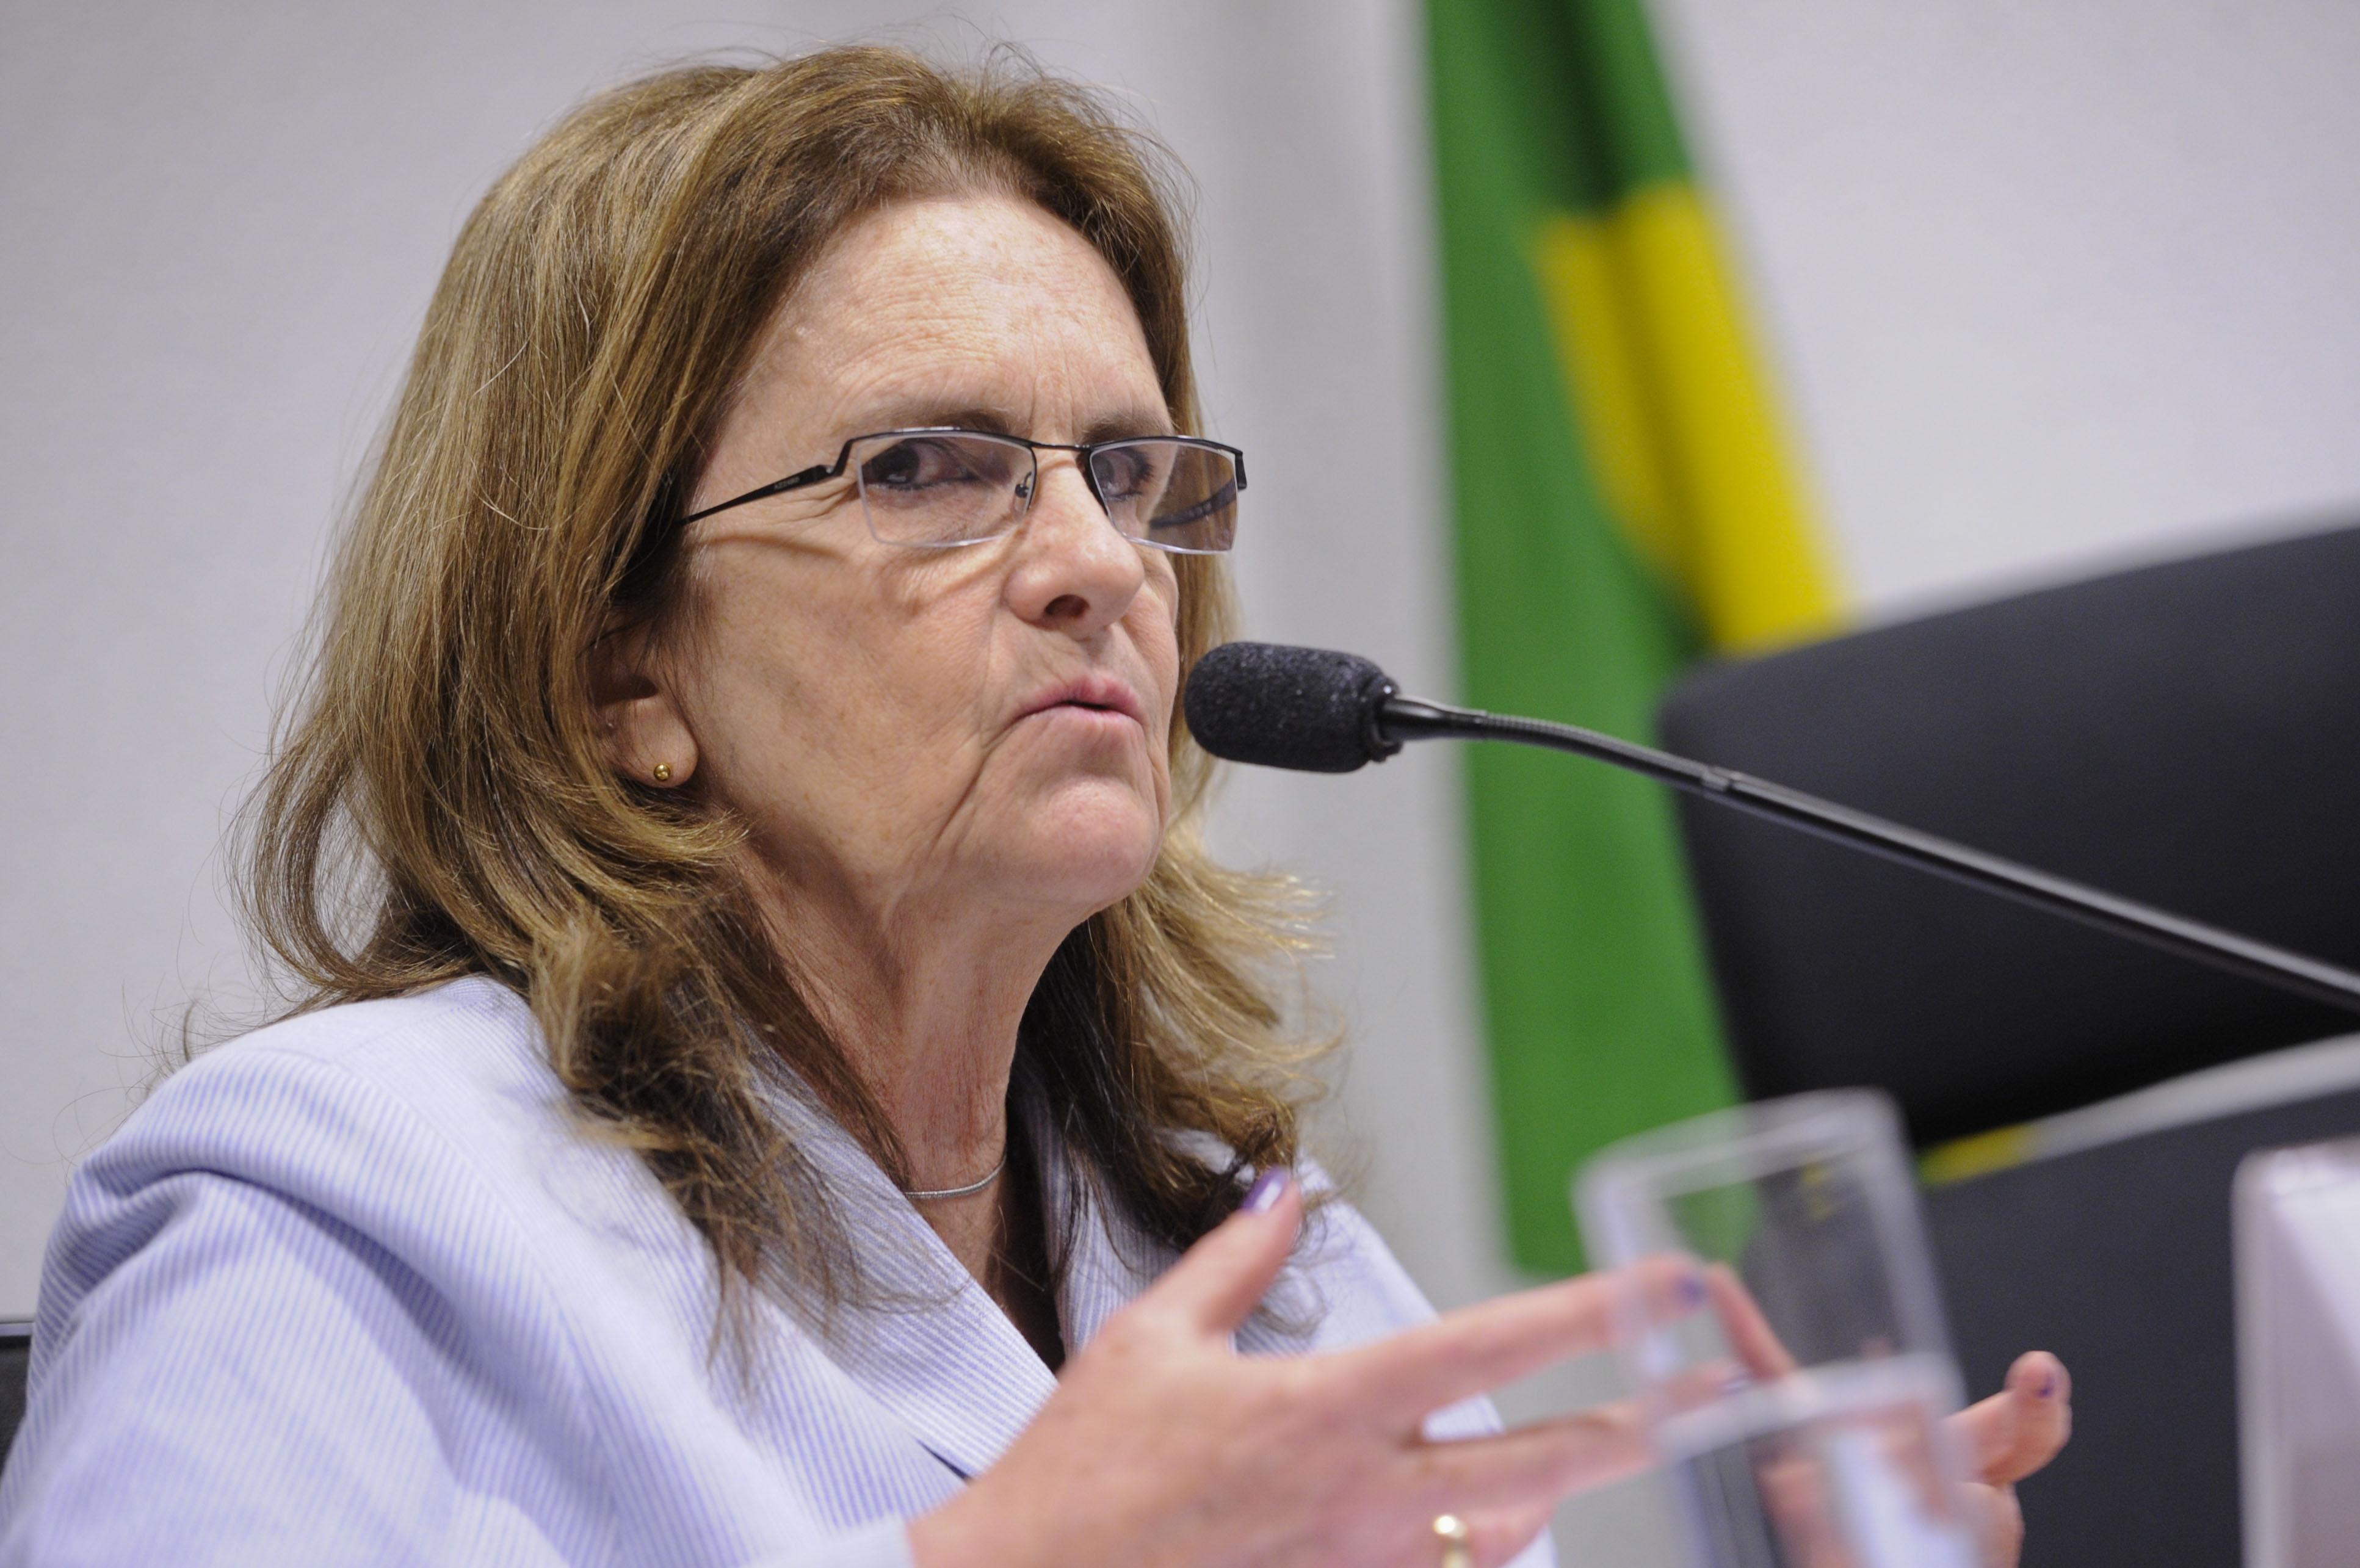 IMAGEM: Juíza lembra indícios de 'conluio' entre Graça Foster e André Esteves